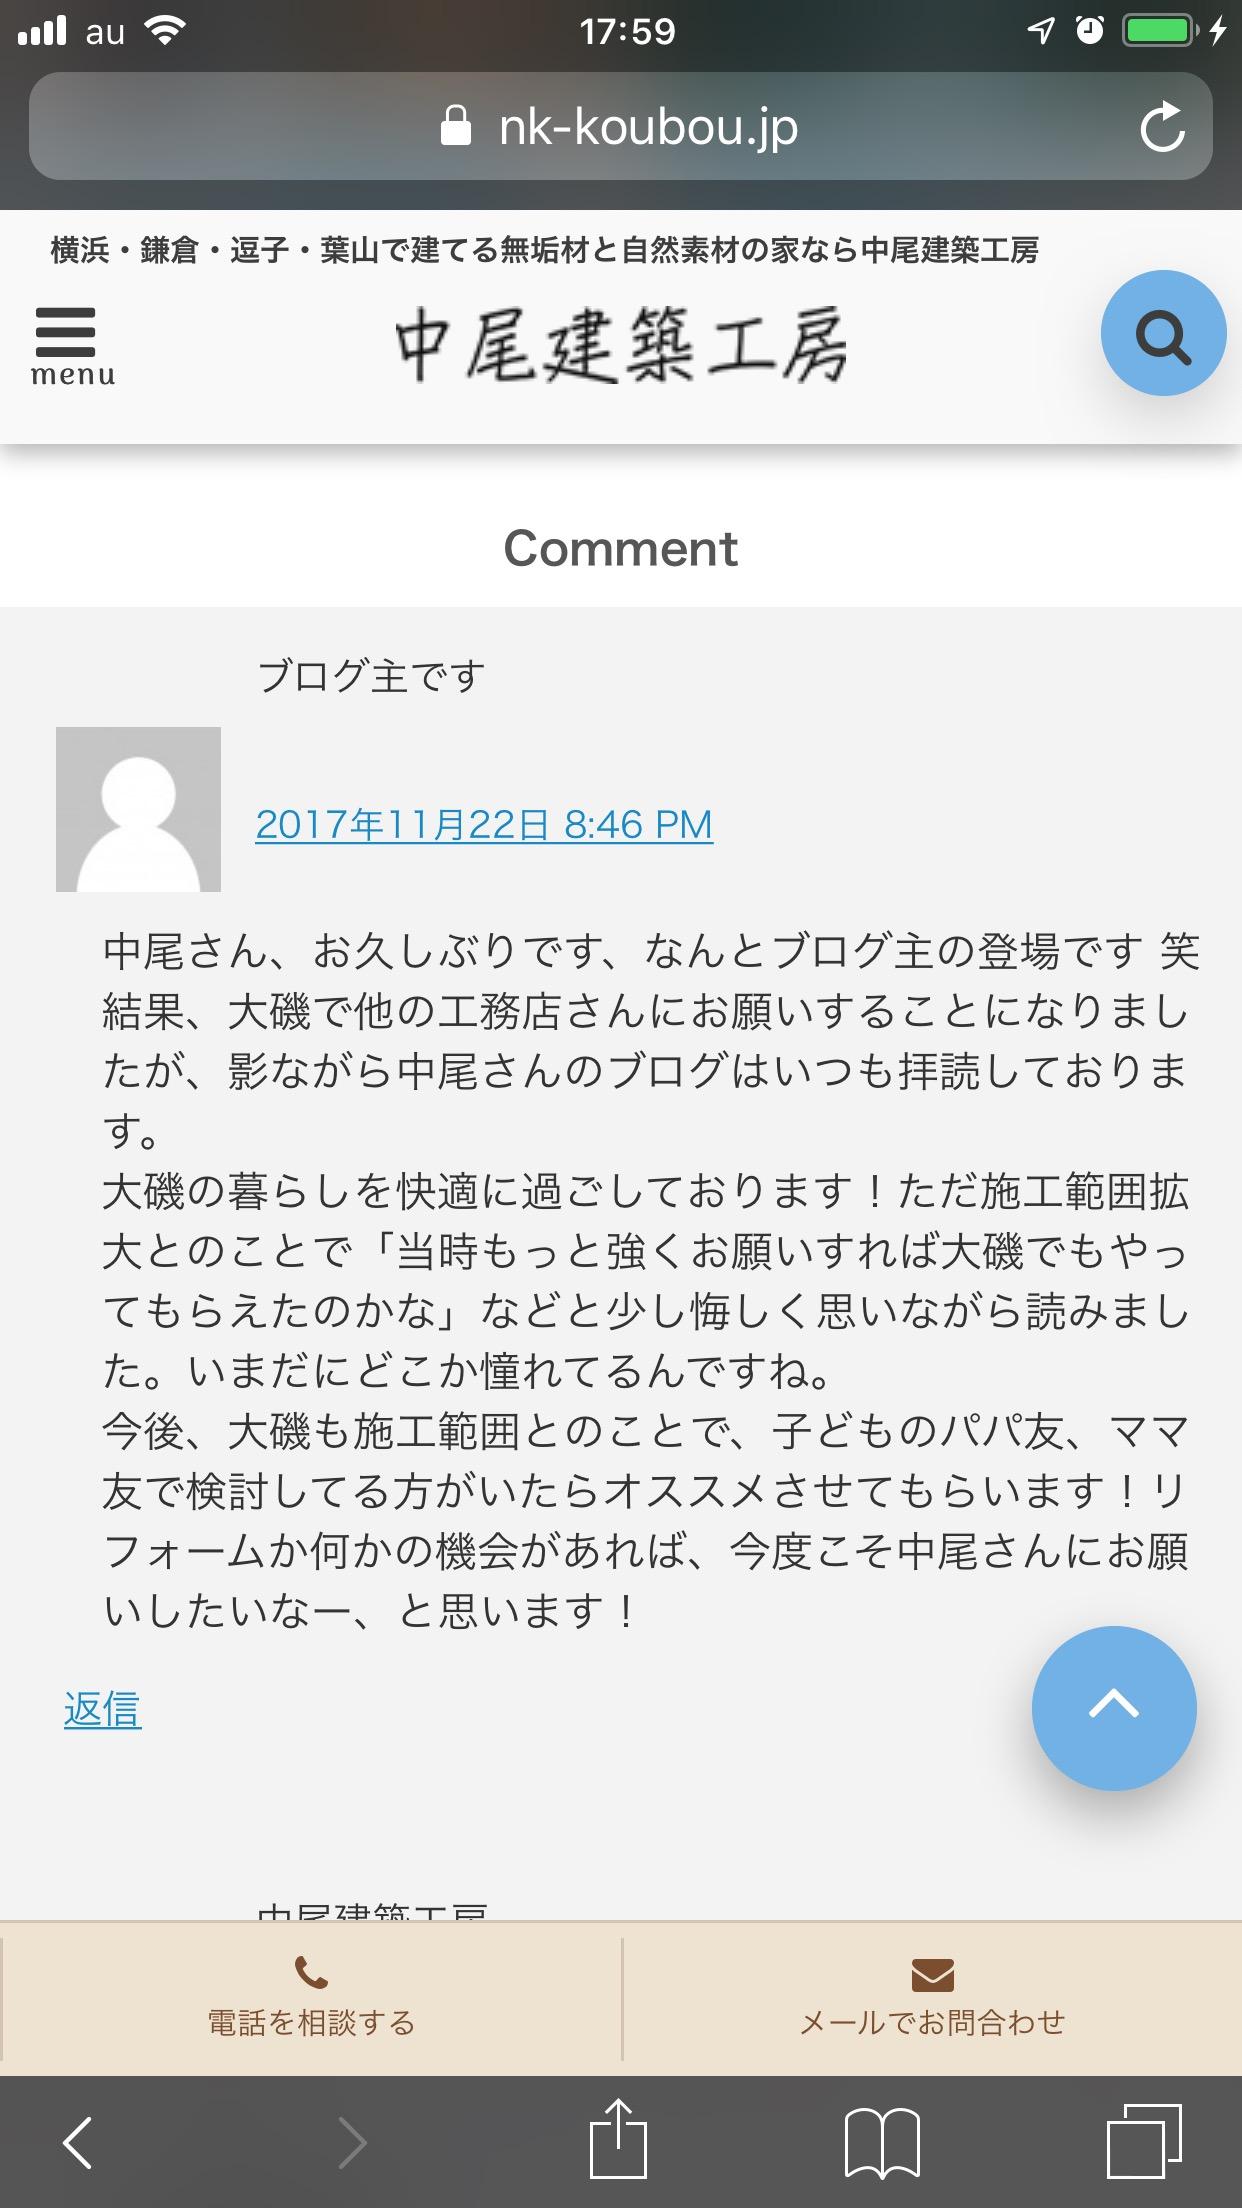 ブログ主さんからのコメント